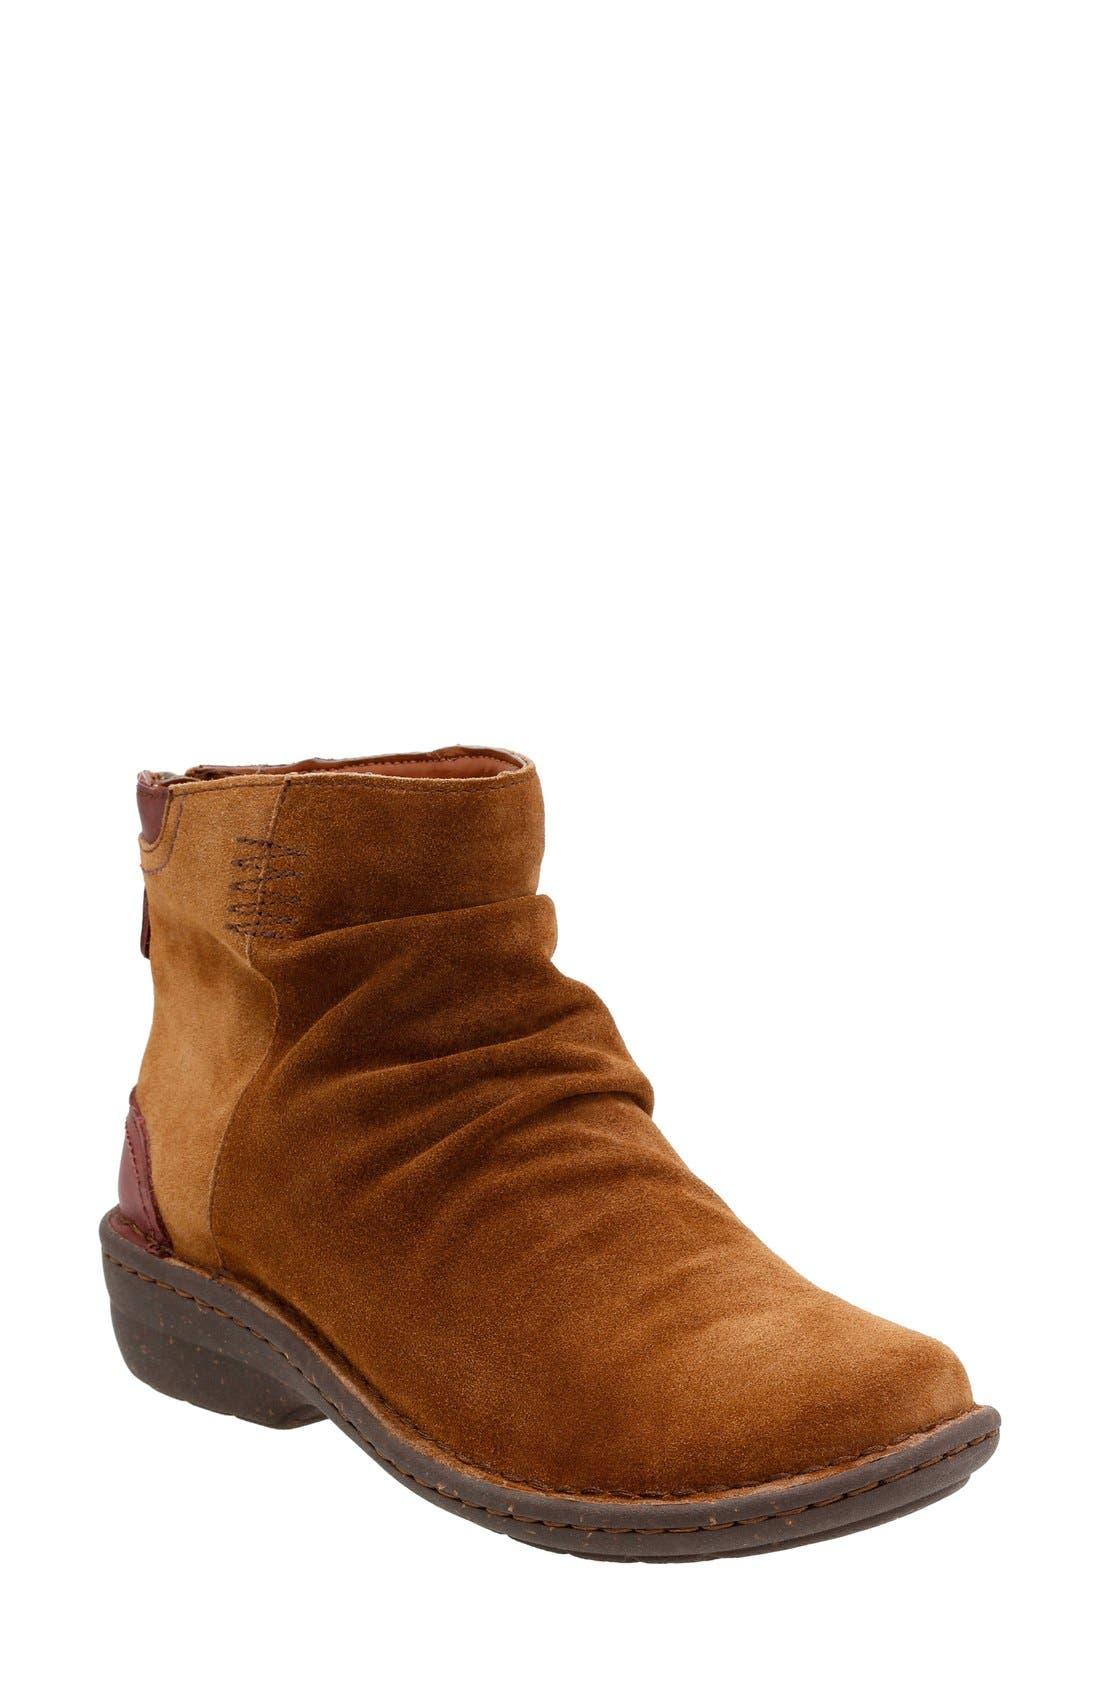 Alternate Image 1 Selected - Clarks® 'Avington Swan' Ankle Boot (Women)